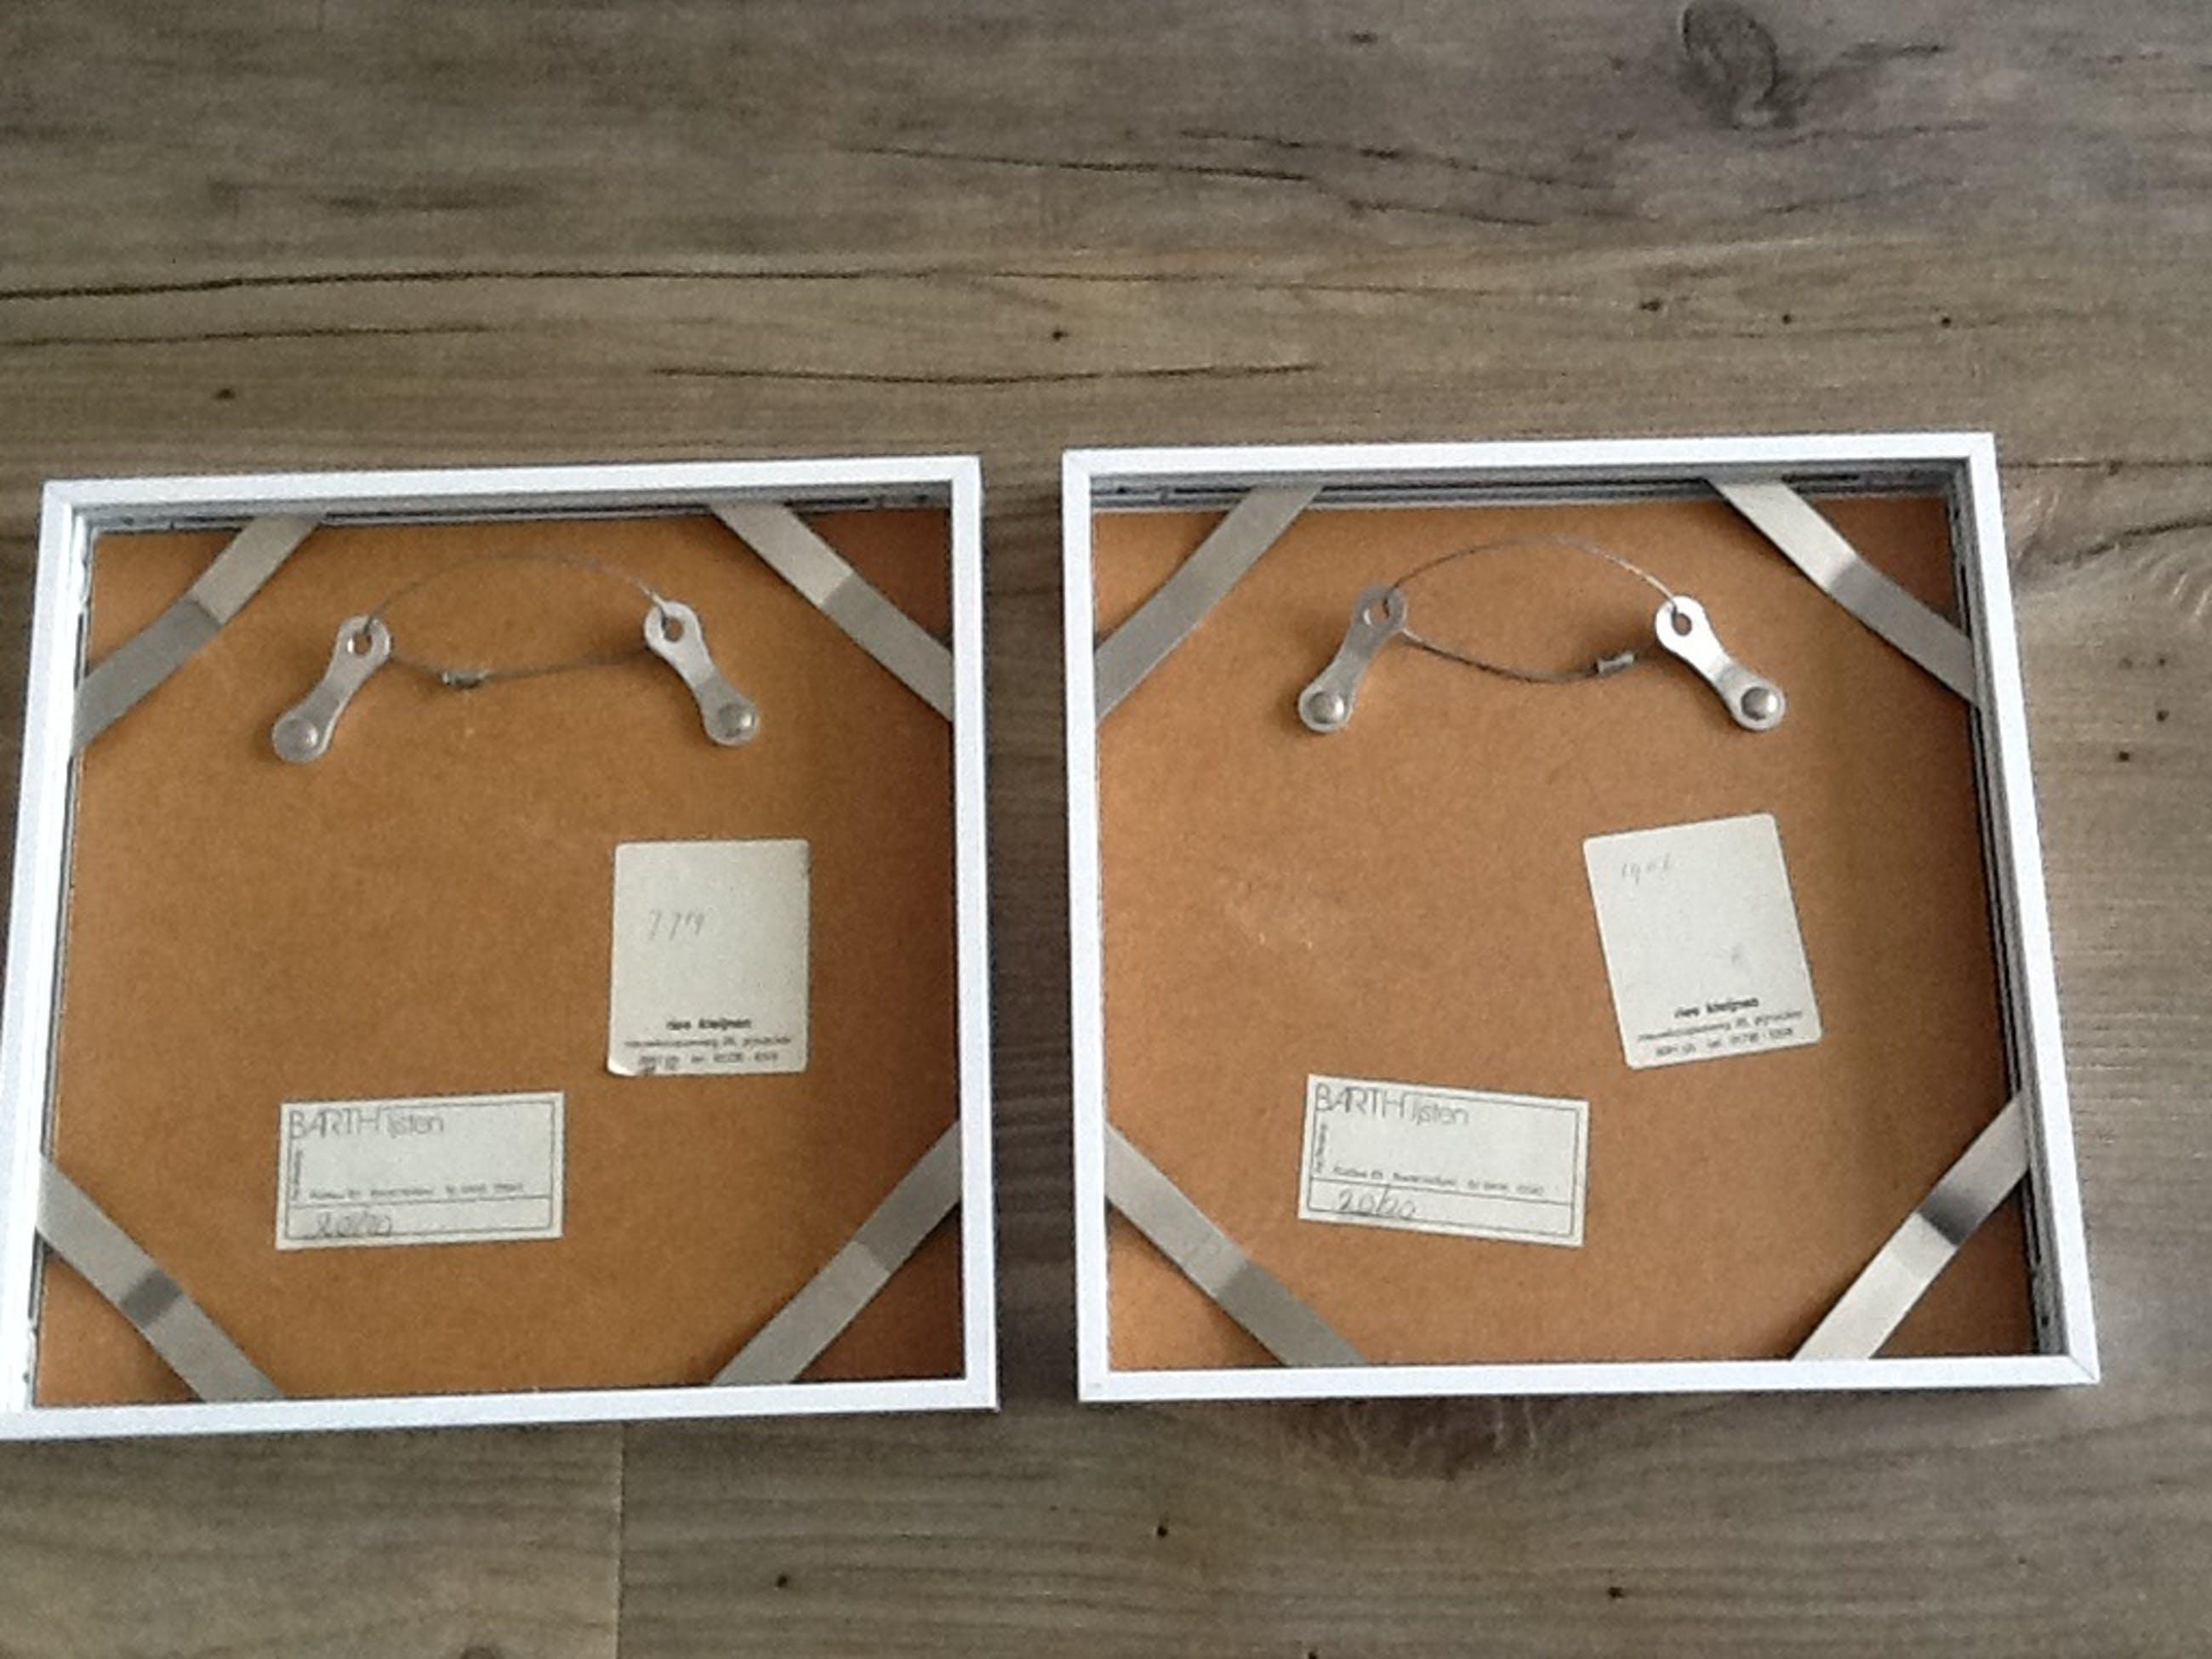 Ries Kleijnen, Set van twee etsen, Hou mij vast - Hou van mij, 1982 kopen? Bied vanaf 30!